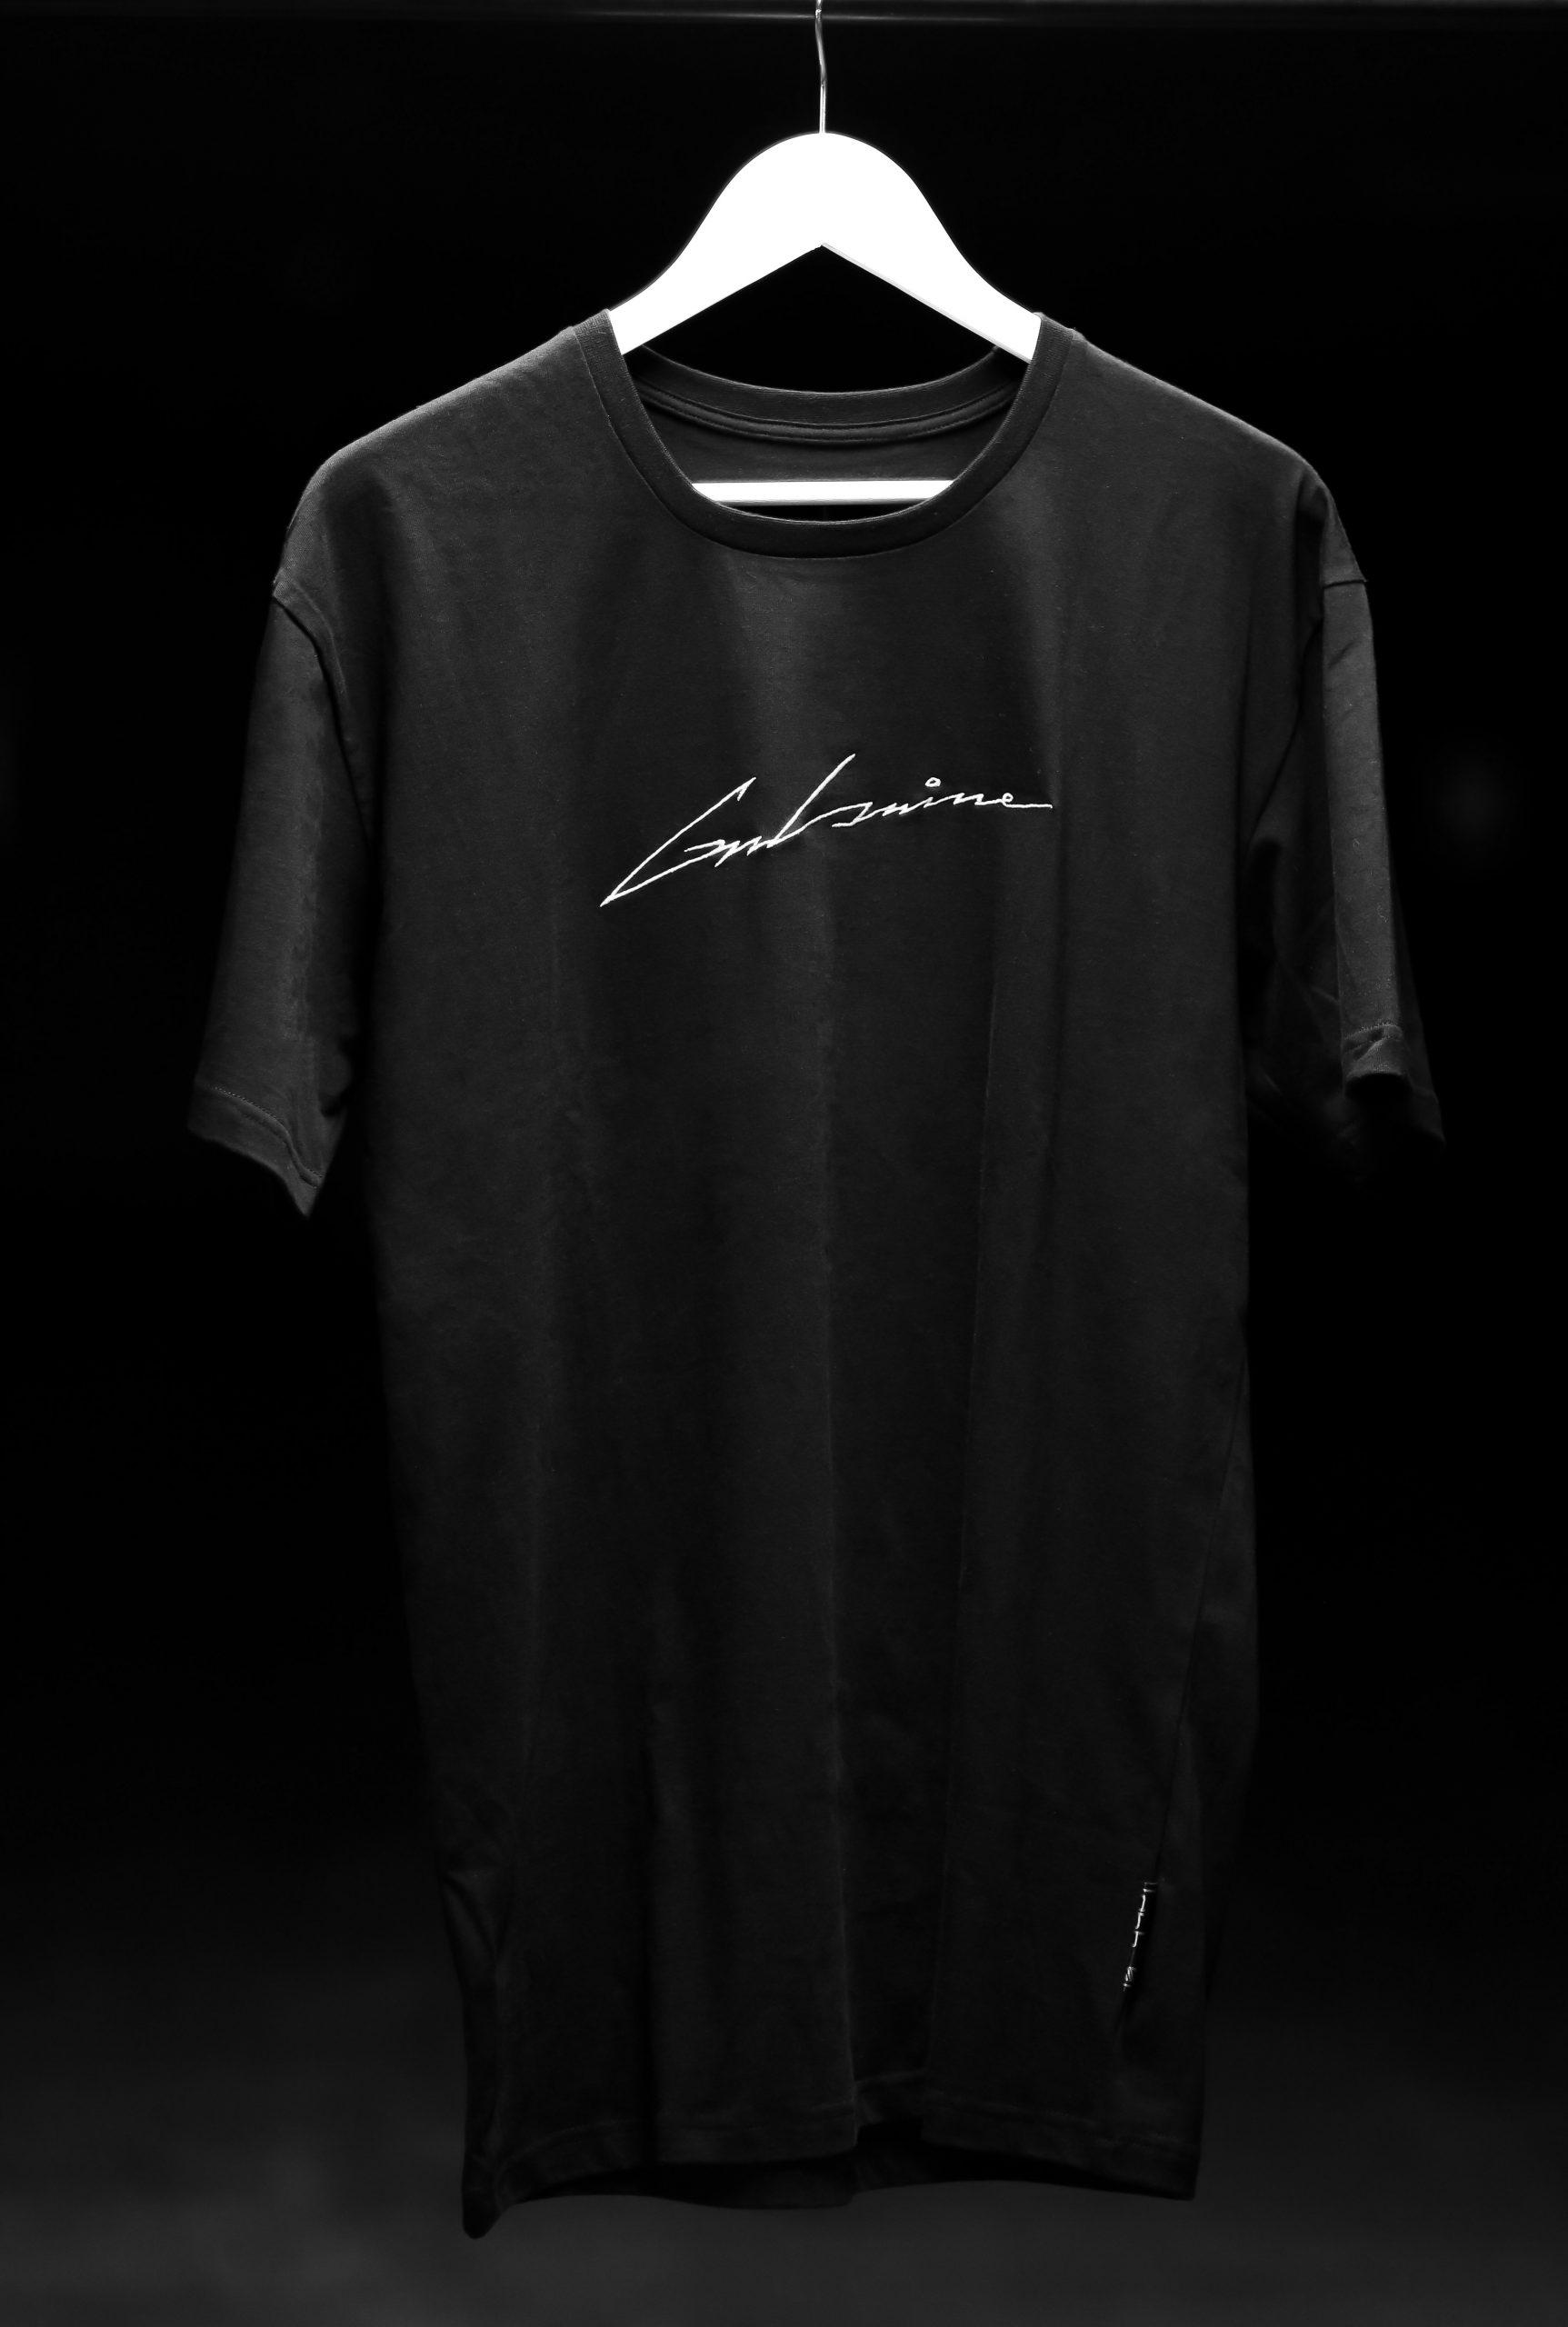 Černé tričko GnBnine Charlie